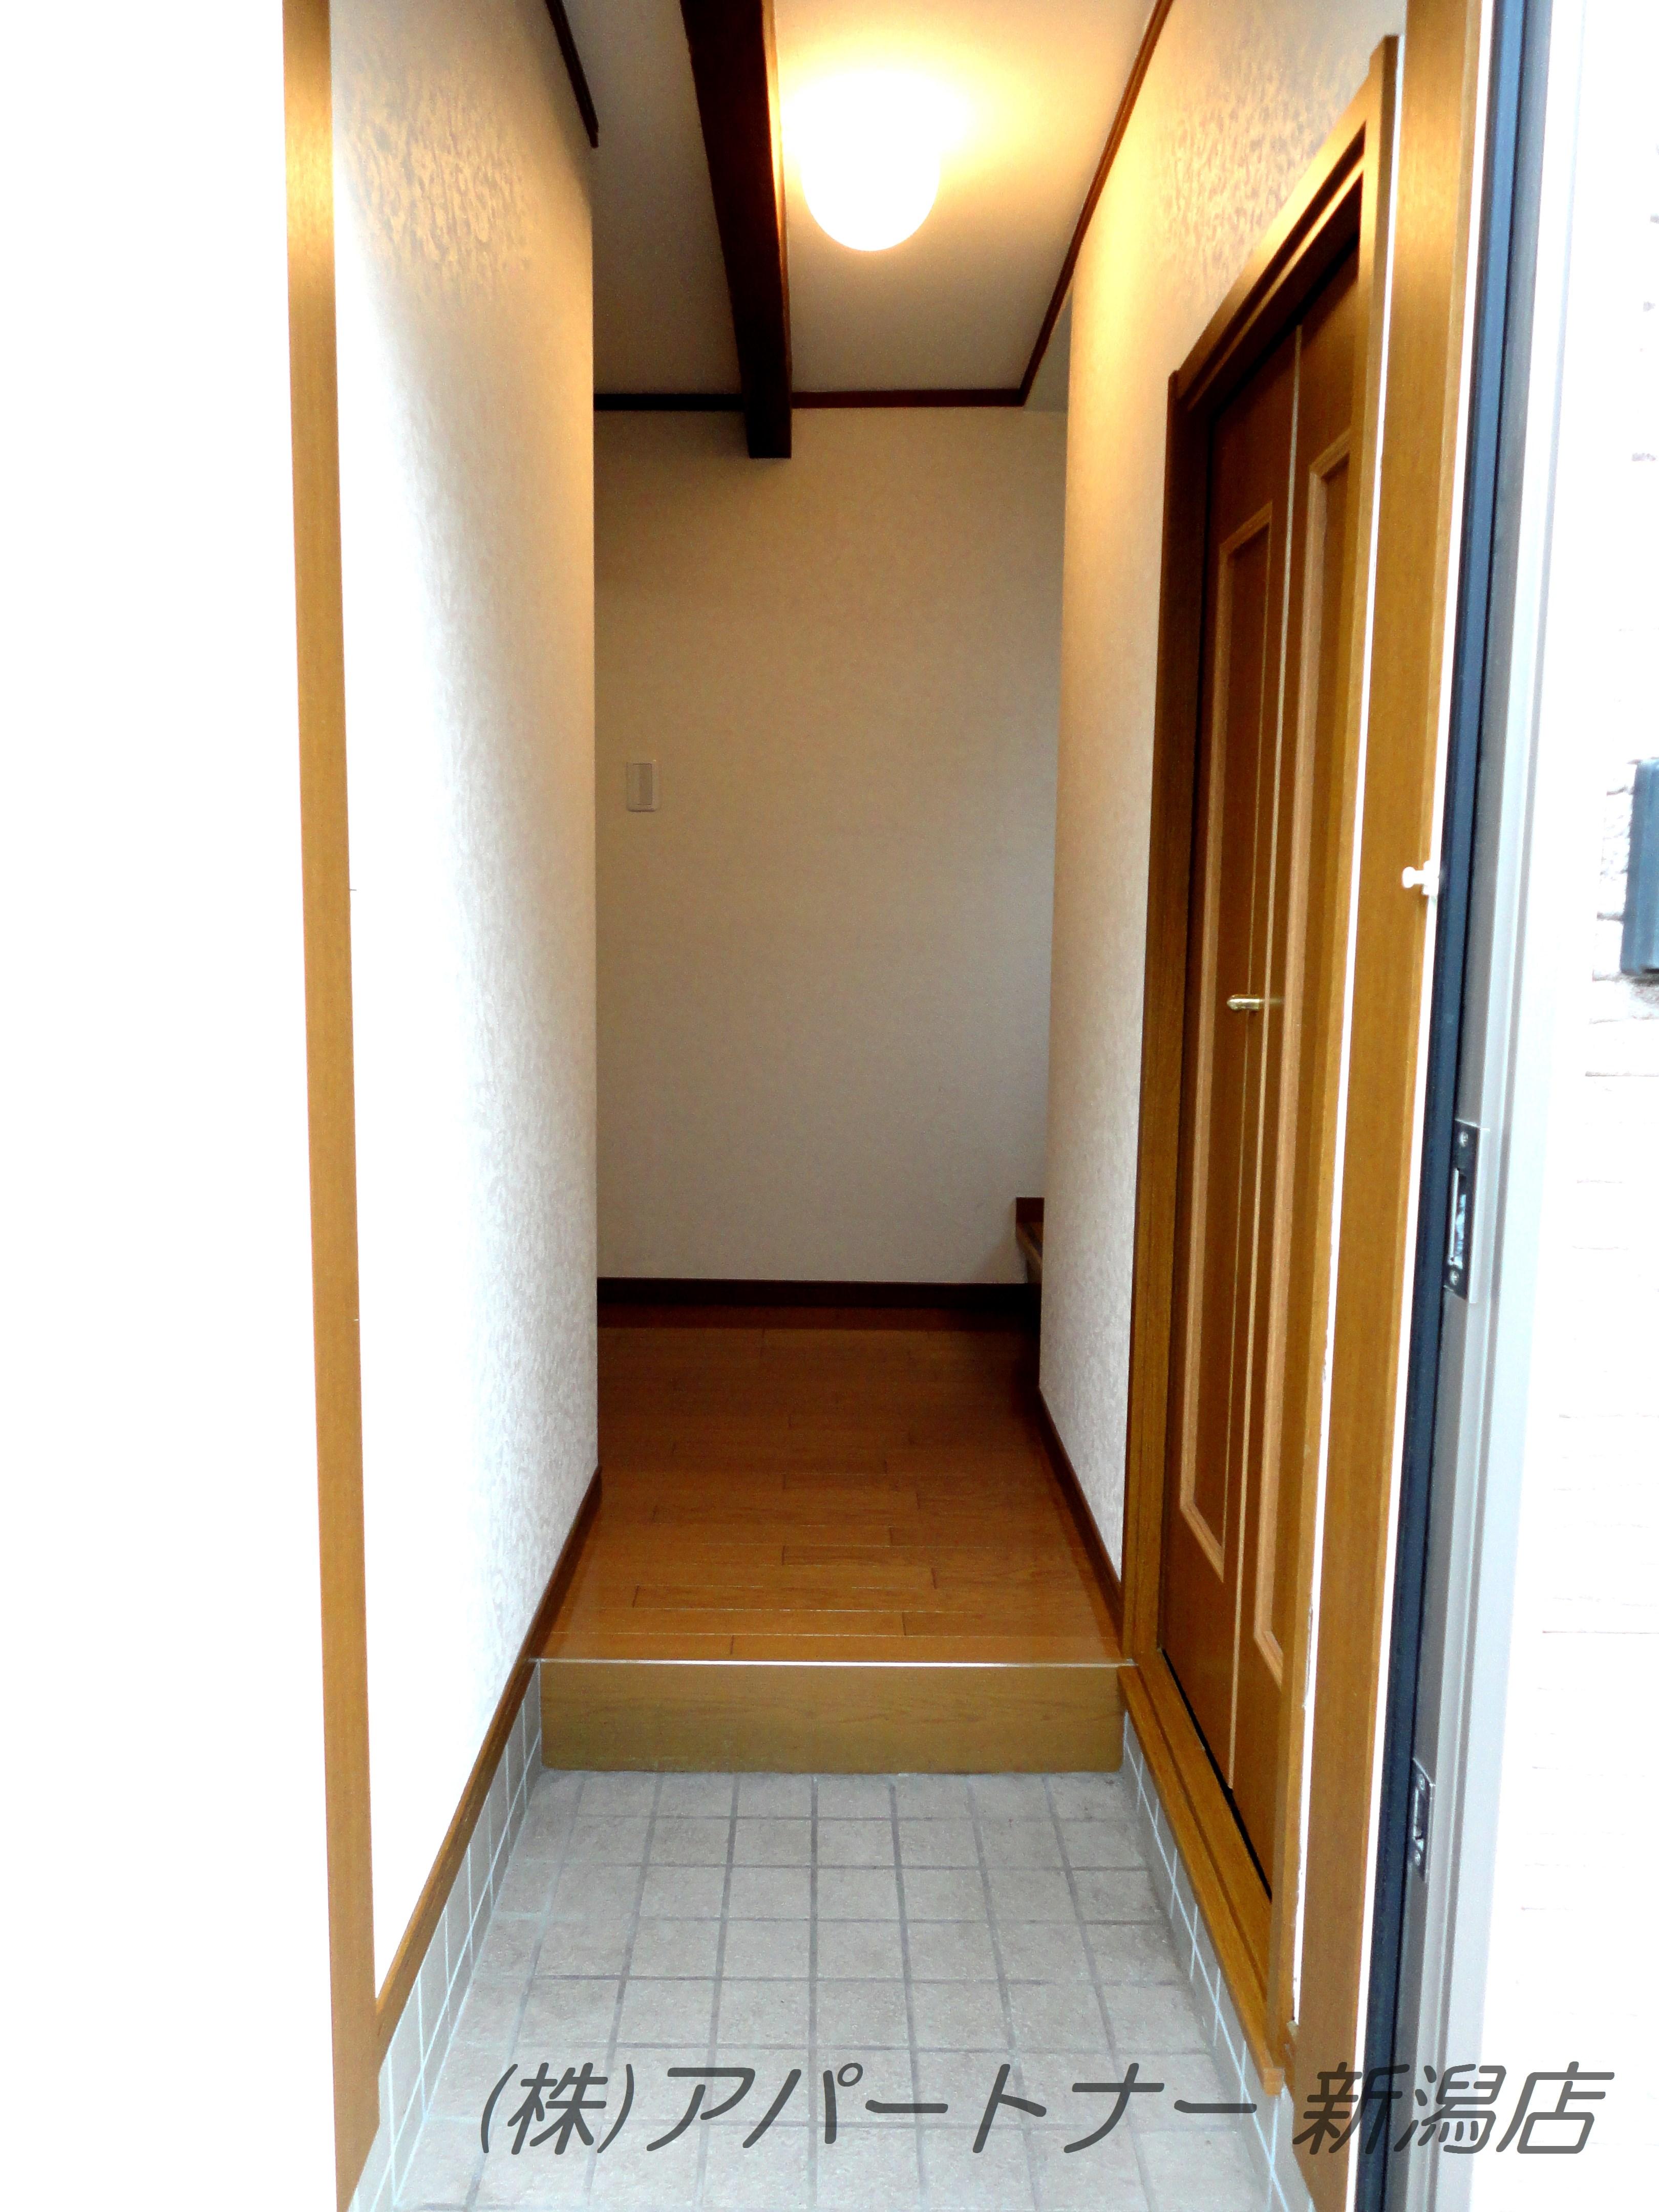 玄関右側にたっぷり入る収納スペースがあります。